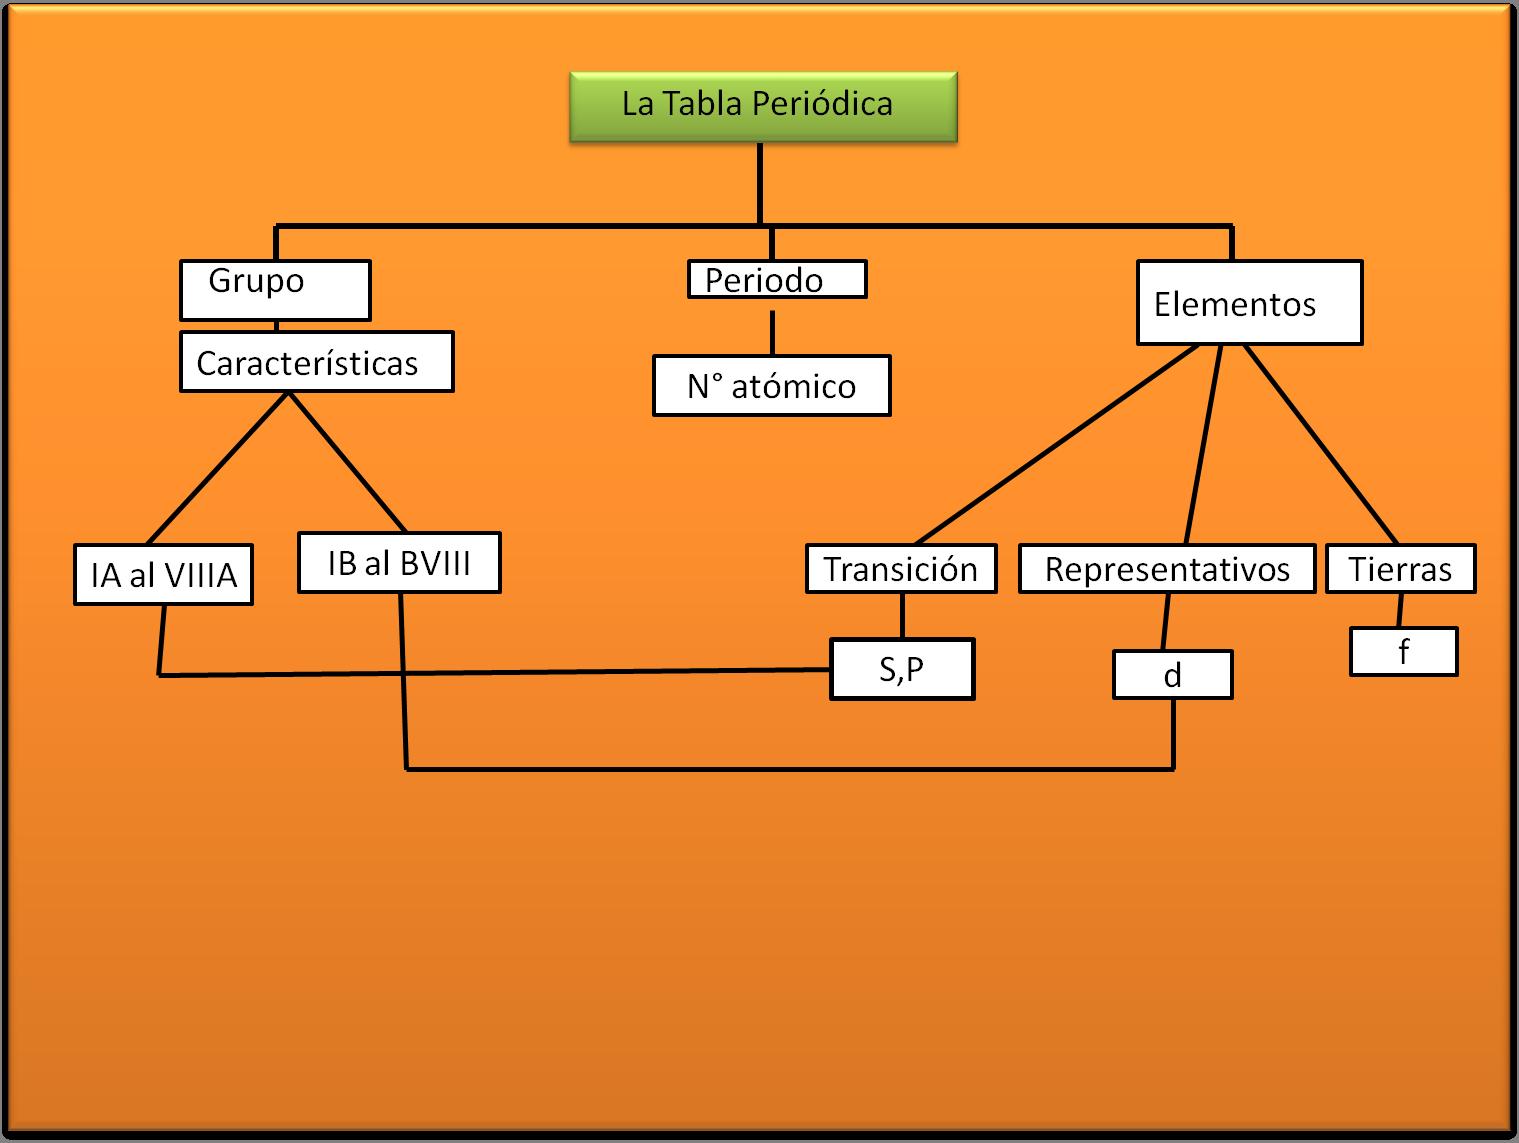 Mapa conceptual de la tabla periodica buscar con google mapa conceptual de la tabla periodica buscar con google urtaz Images